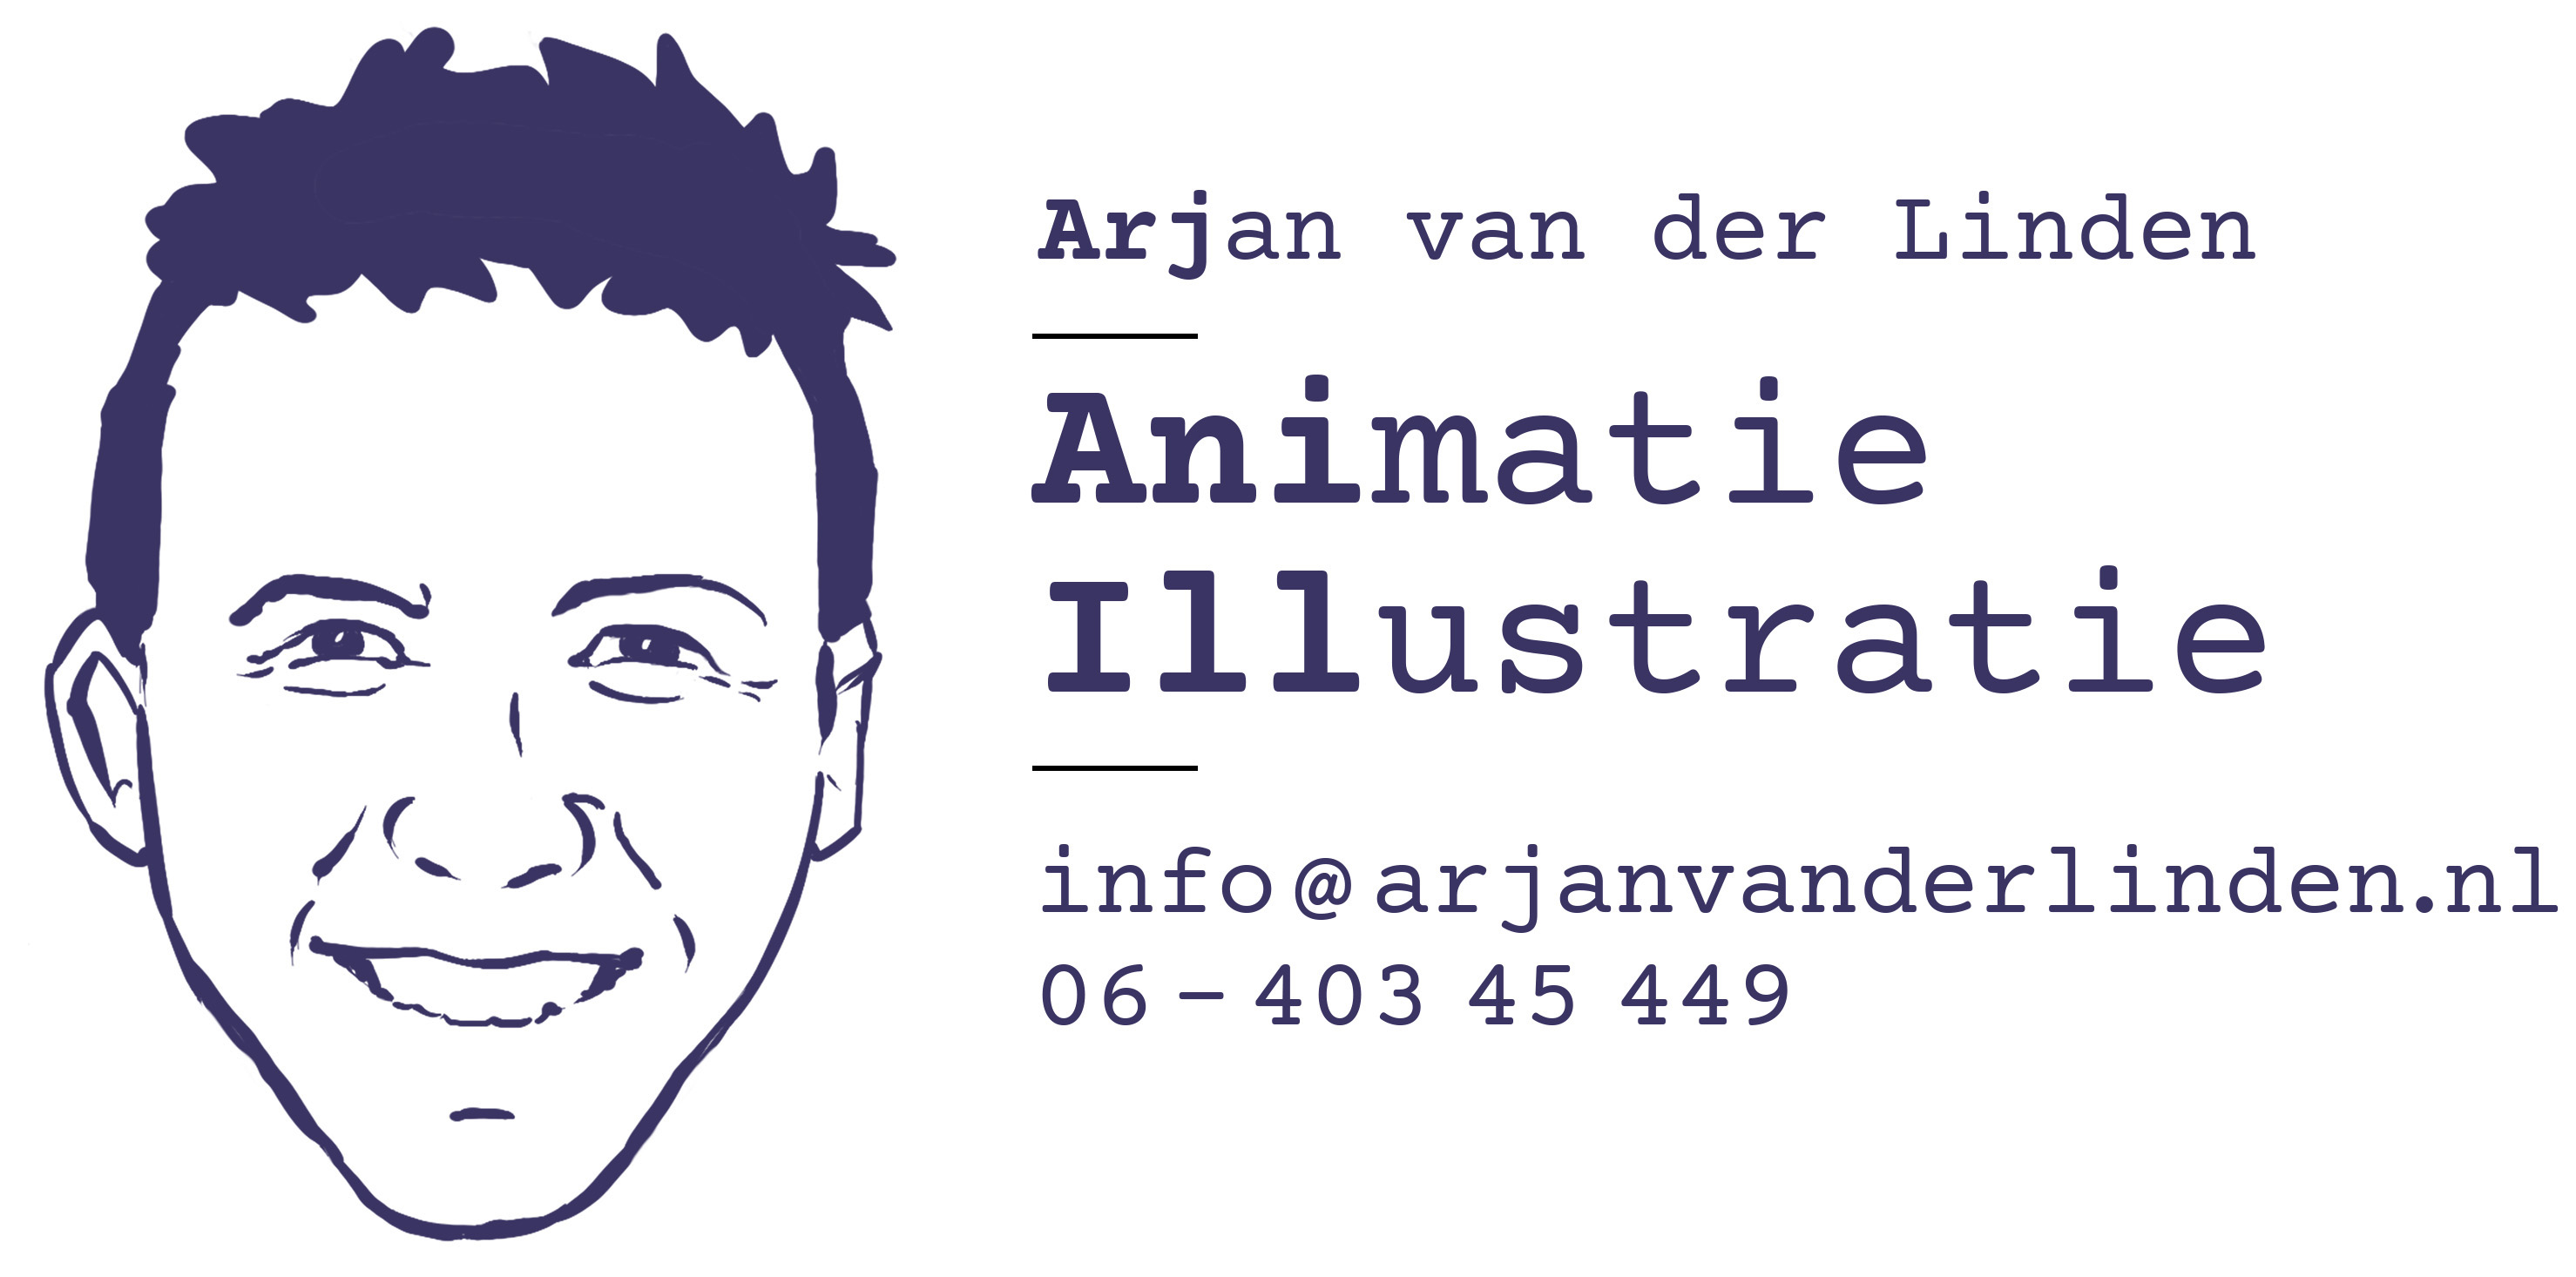 Arjan van der Linden